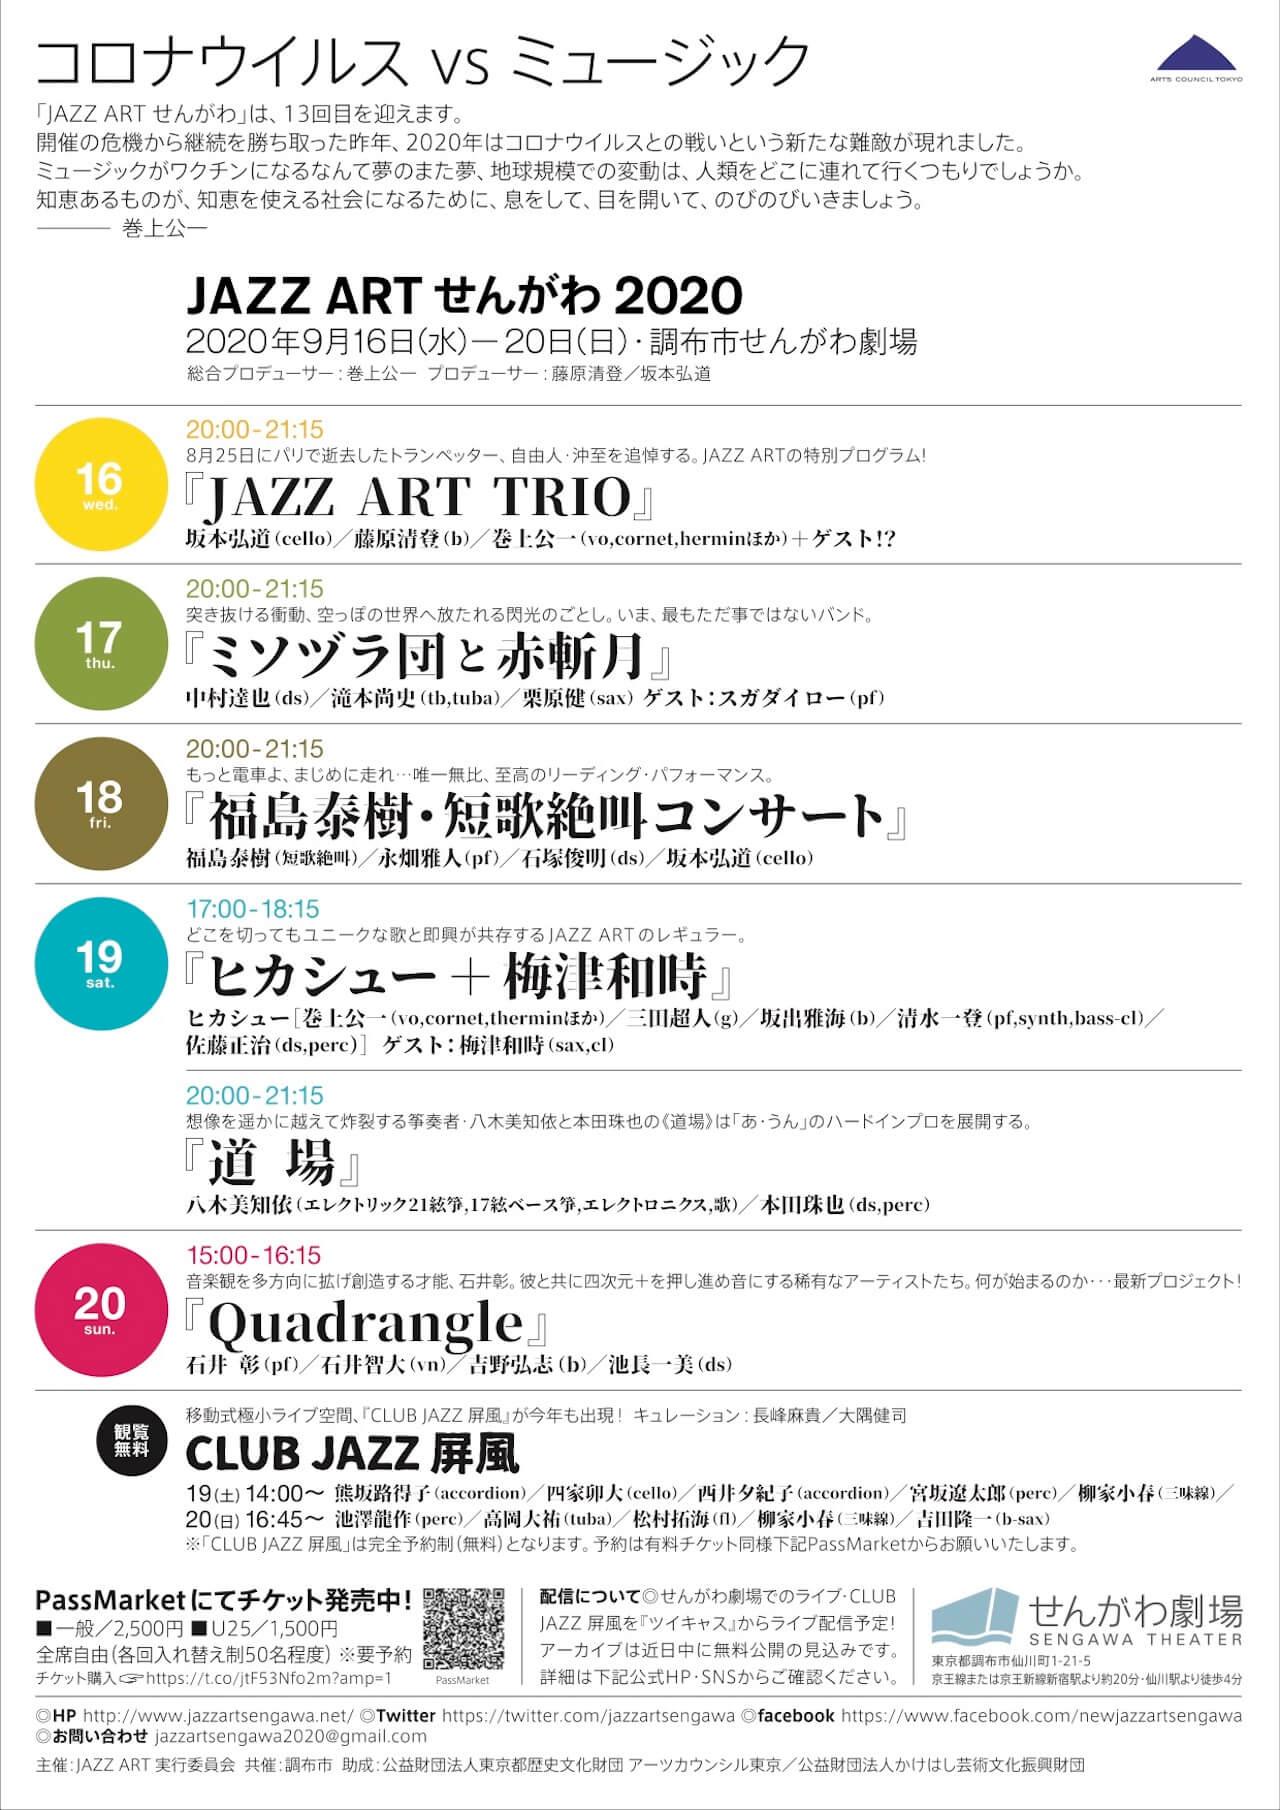 世界へ広がる即興音楽祭<JAZZ ART せんがわ 2020>が「コロナウイルスvsミュージック」をテーマに開催|ヒカシュー、「ミソヅラ団」+スガダイロー、沖至追悼ステージなど music200914-jazzartsengawa-1